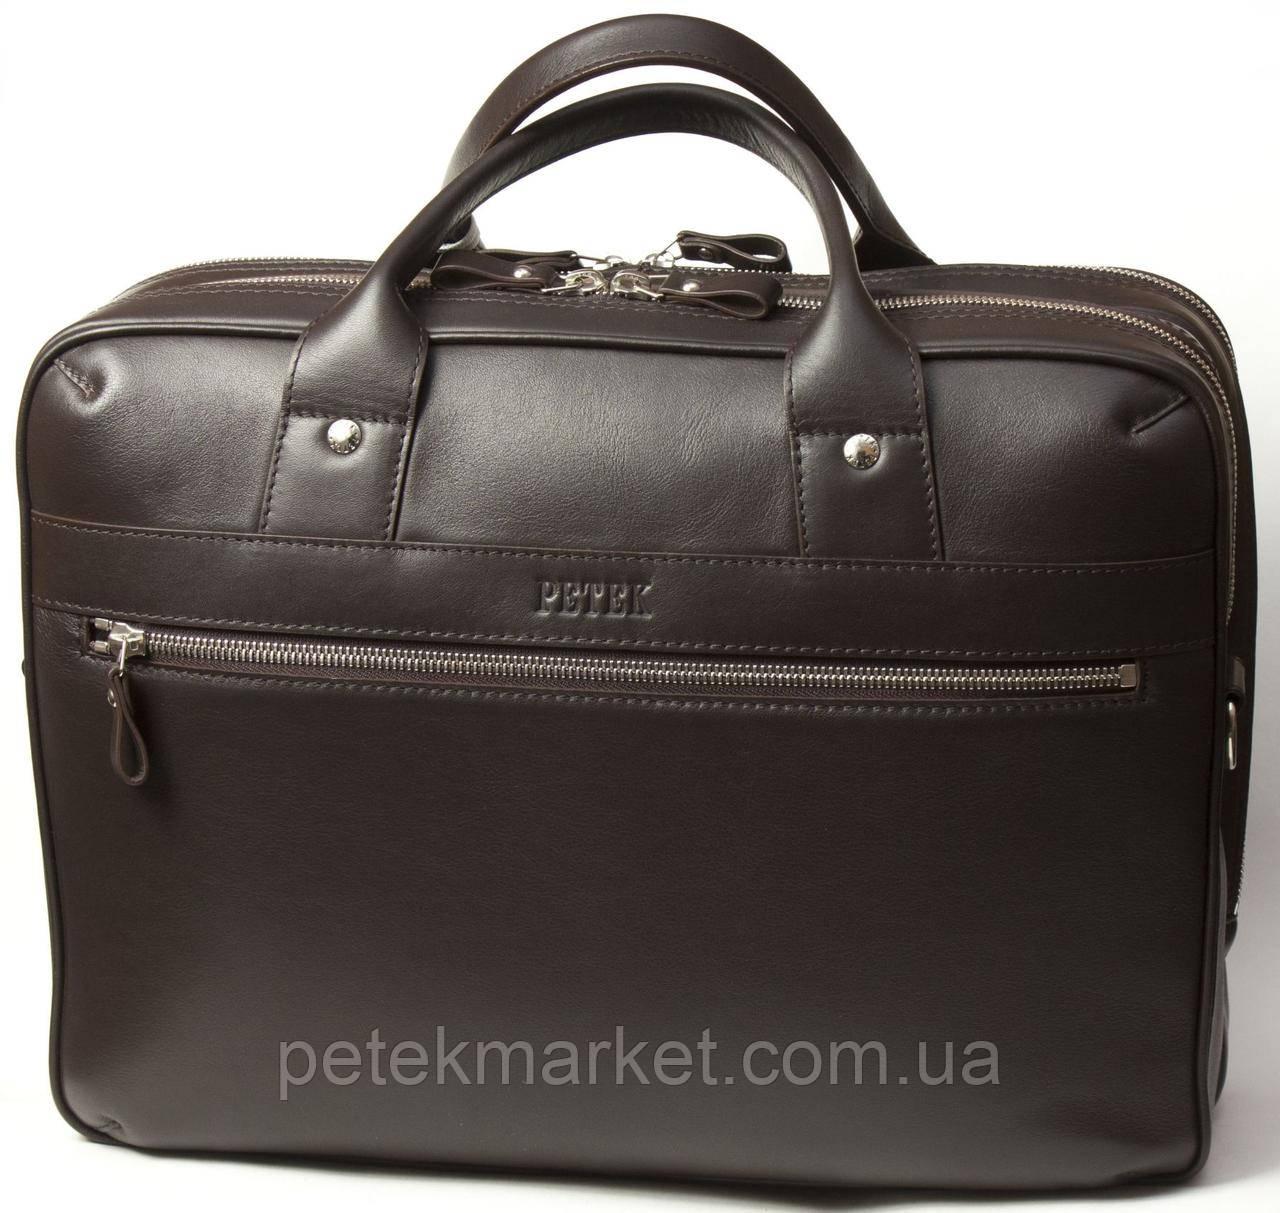 Кожаная сумка Petek 3799-167-02